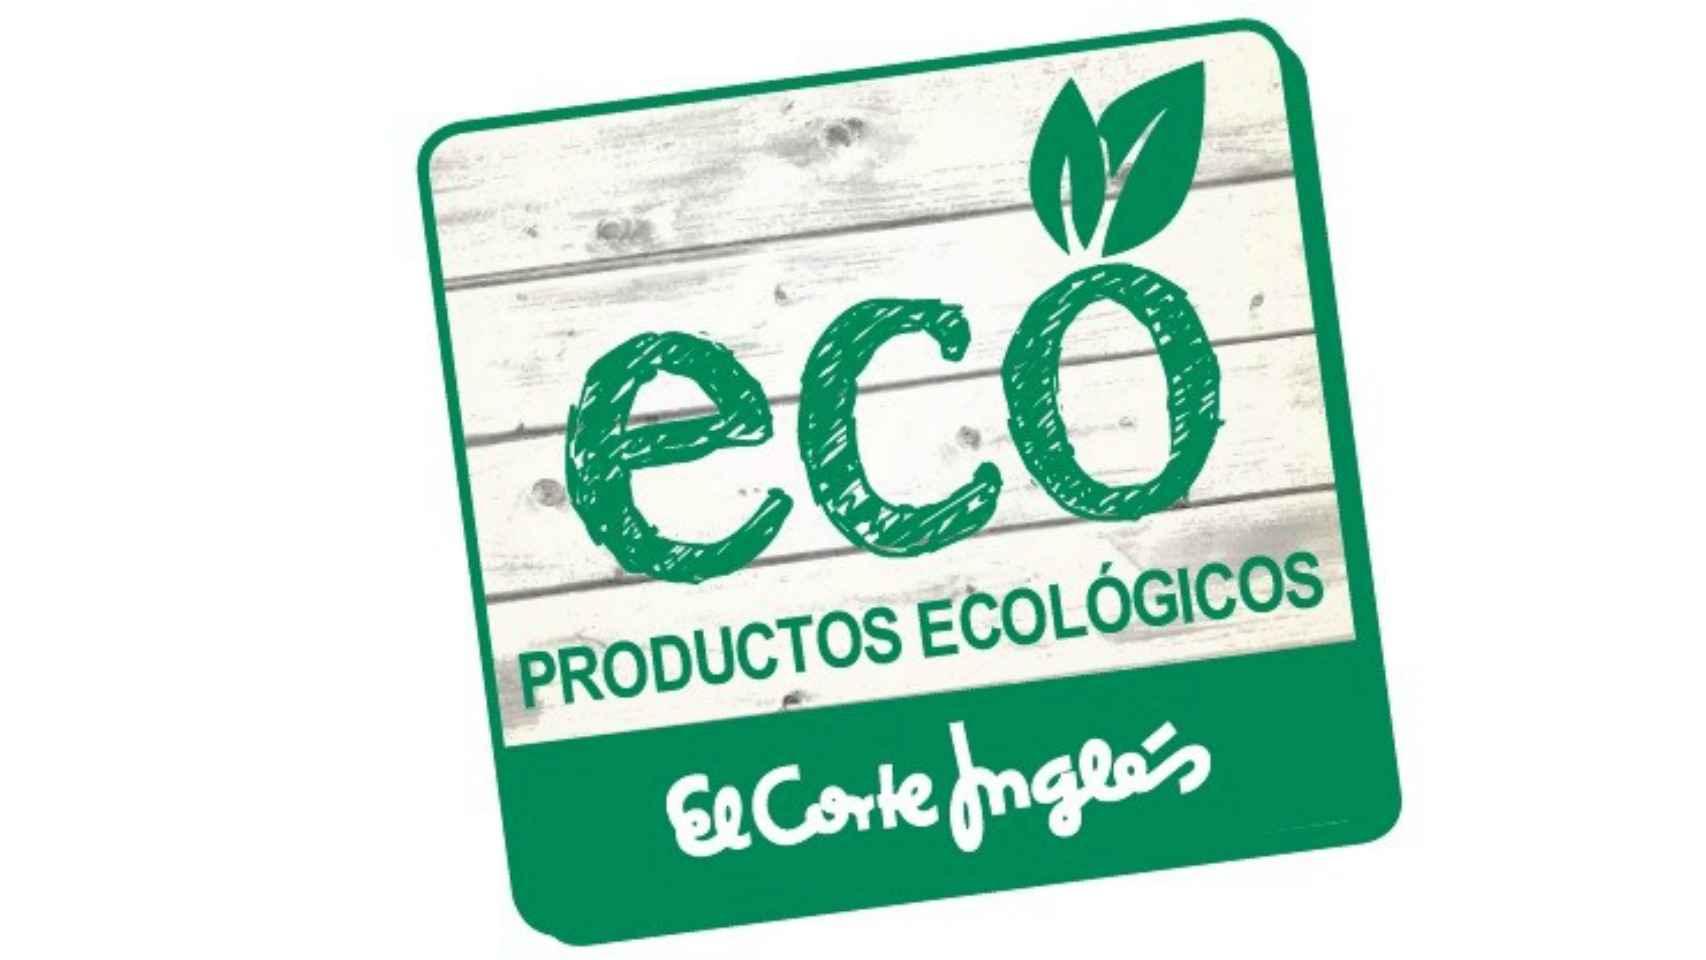 Etiqueta distintiva de alimentos ecológicos en las tiendas de El Corte Inglés